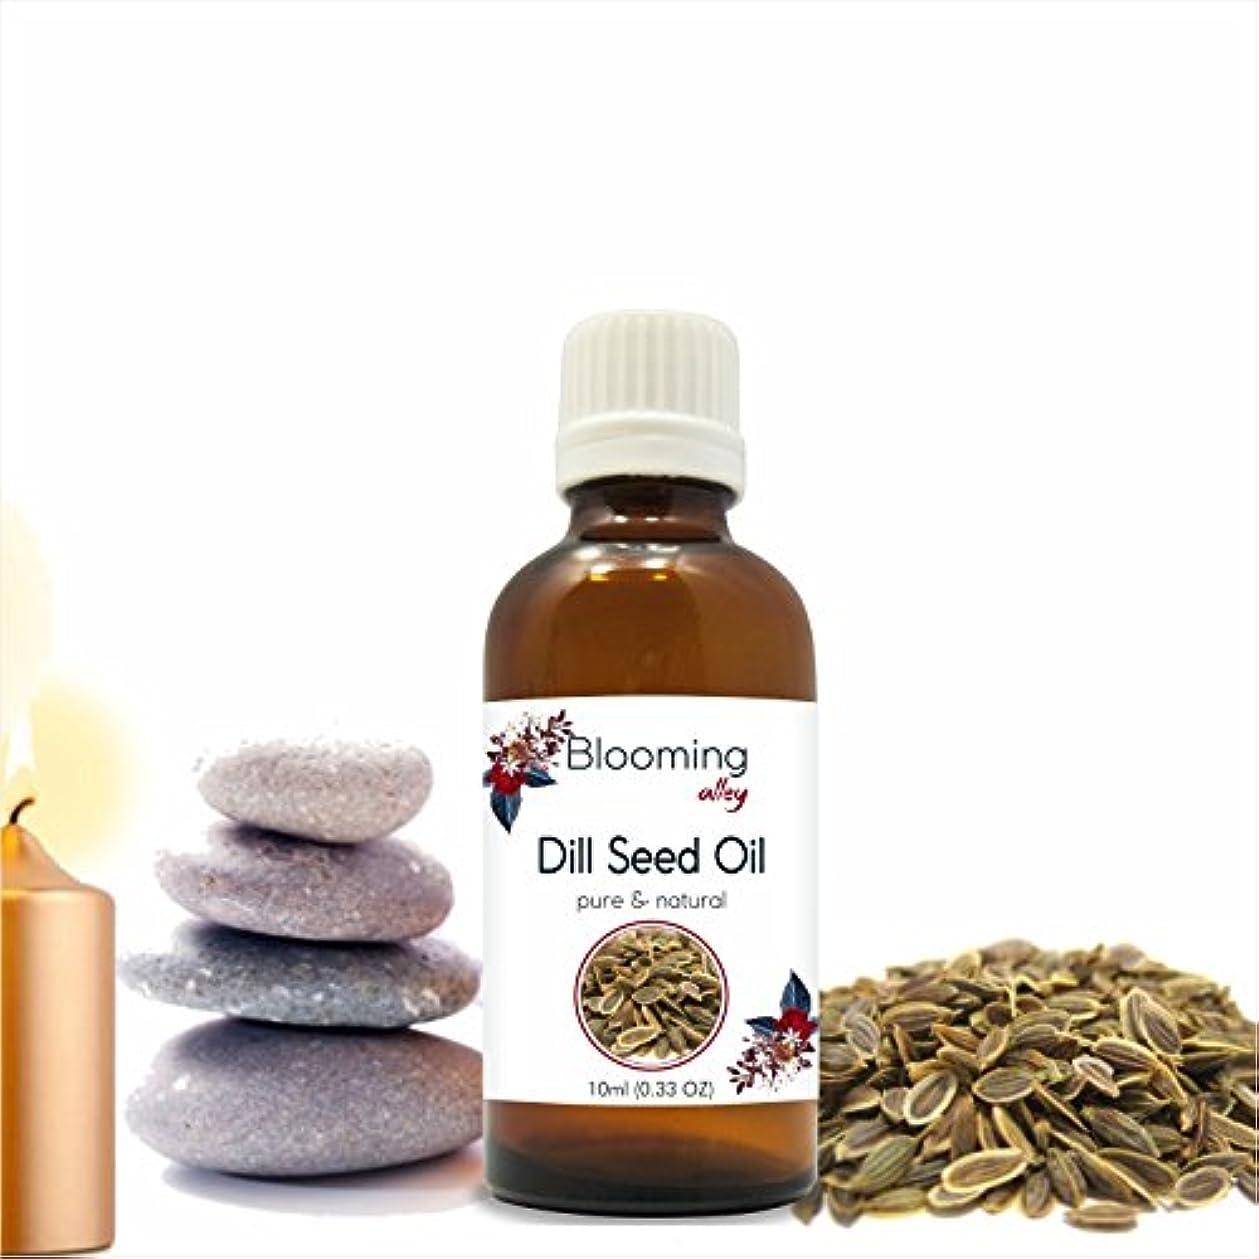 上げる請願者寛大さDillseed Oil(Anethum Graveolens) Essential Oil 10 ml or 0.33 Fl Oz by Blooming Alley